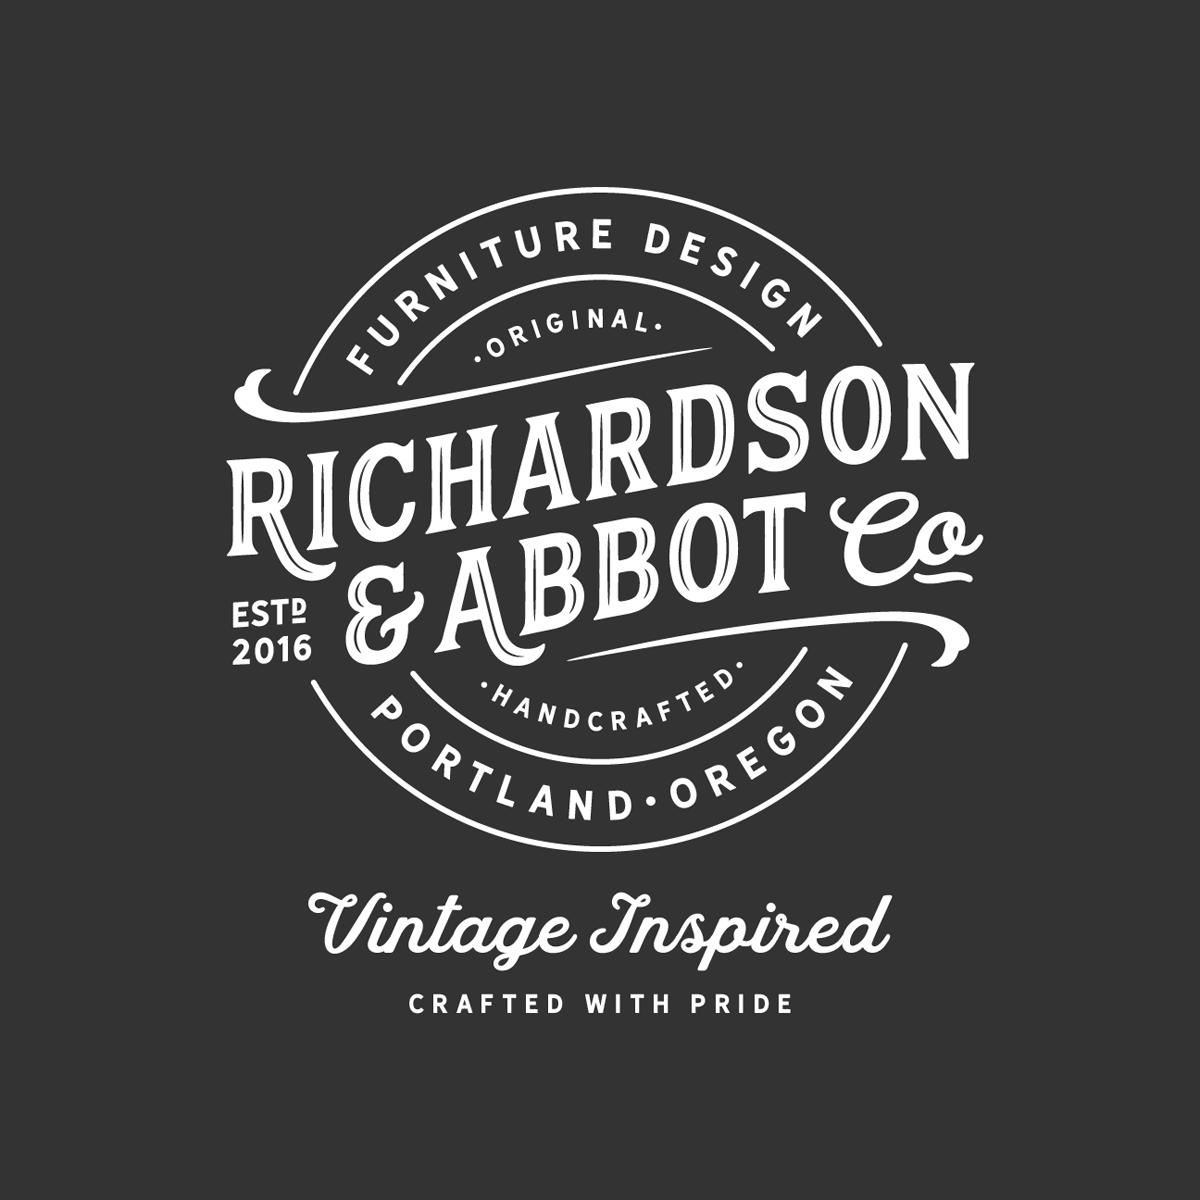 Hanley Font Collection Vintage Logo Design Logo Design Vintage Retro Logo Inspiration Vintage